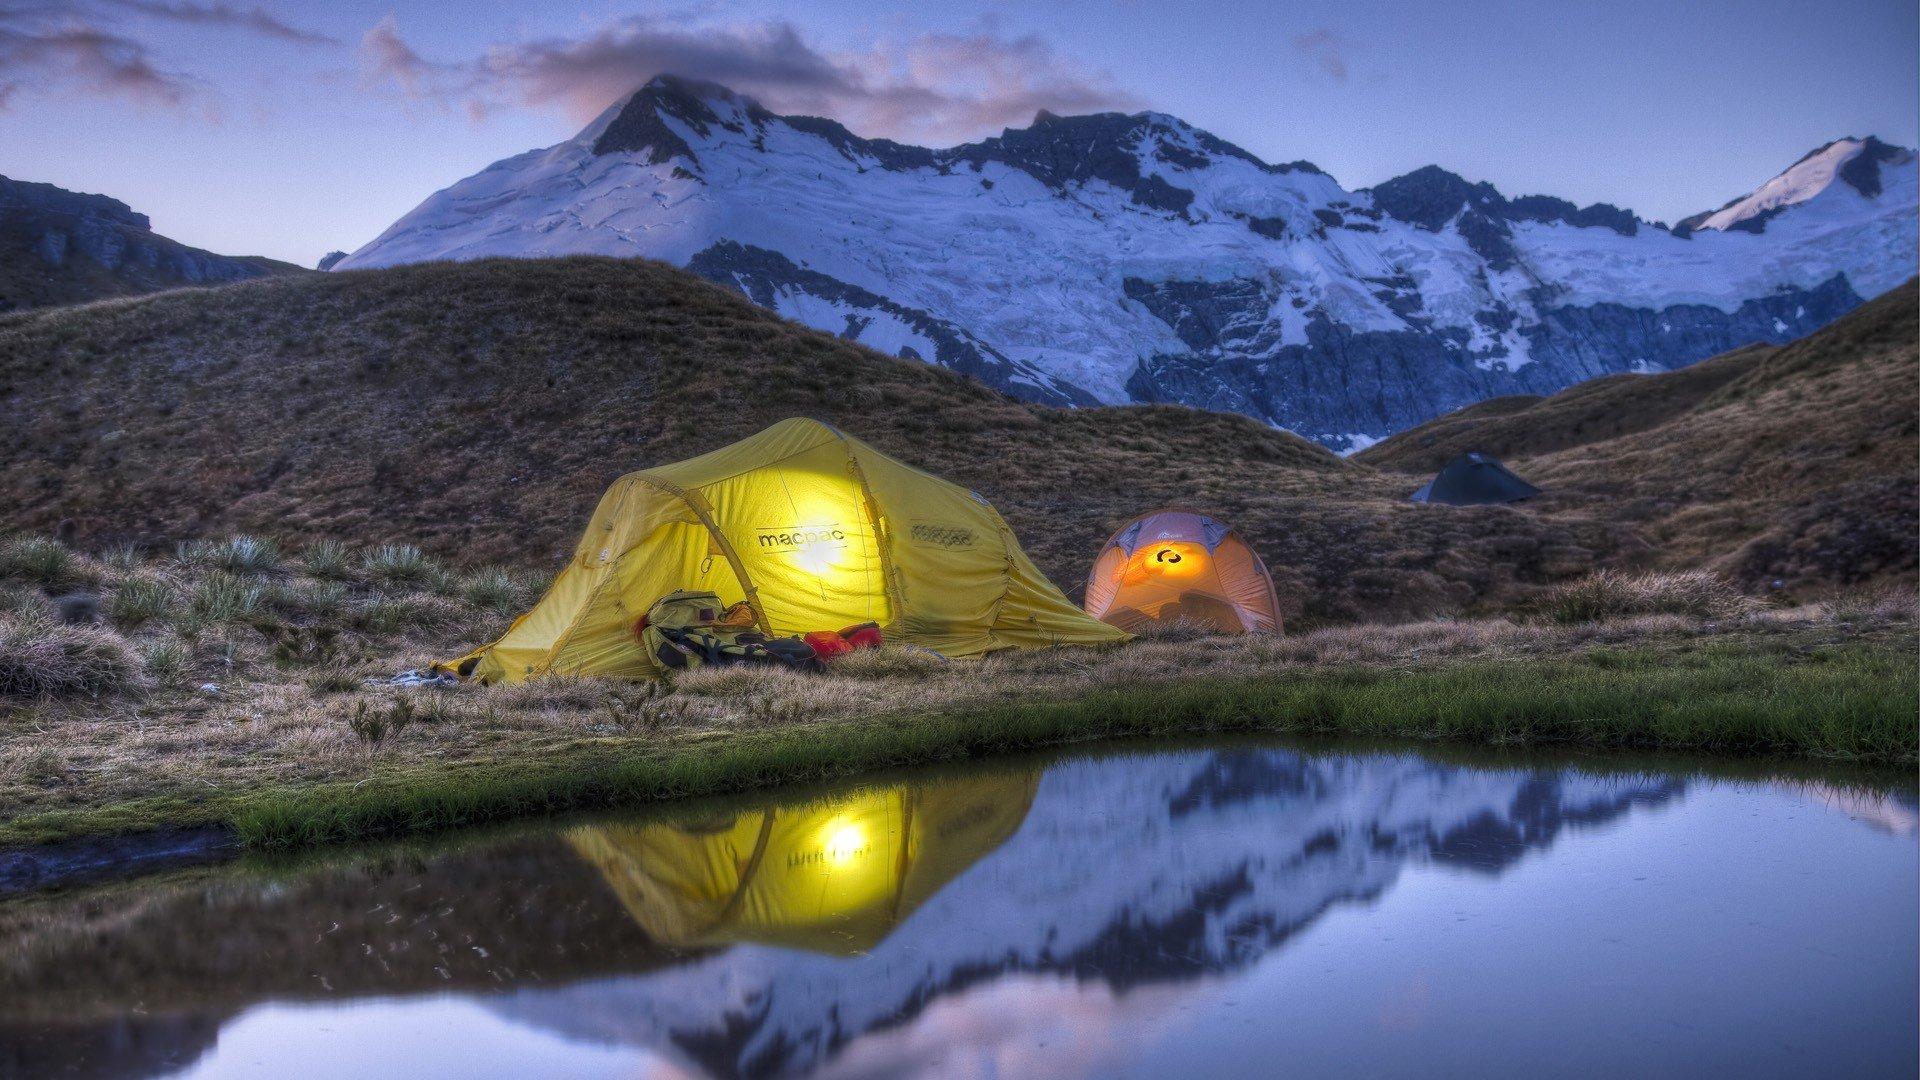 47+ Camping Wallpaper Desktop on WallpaperSafari